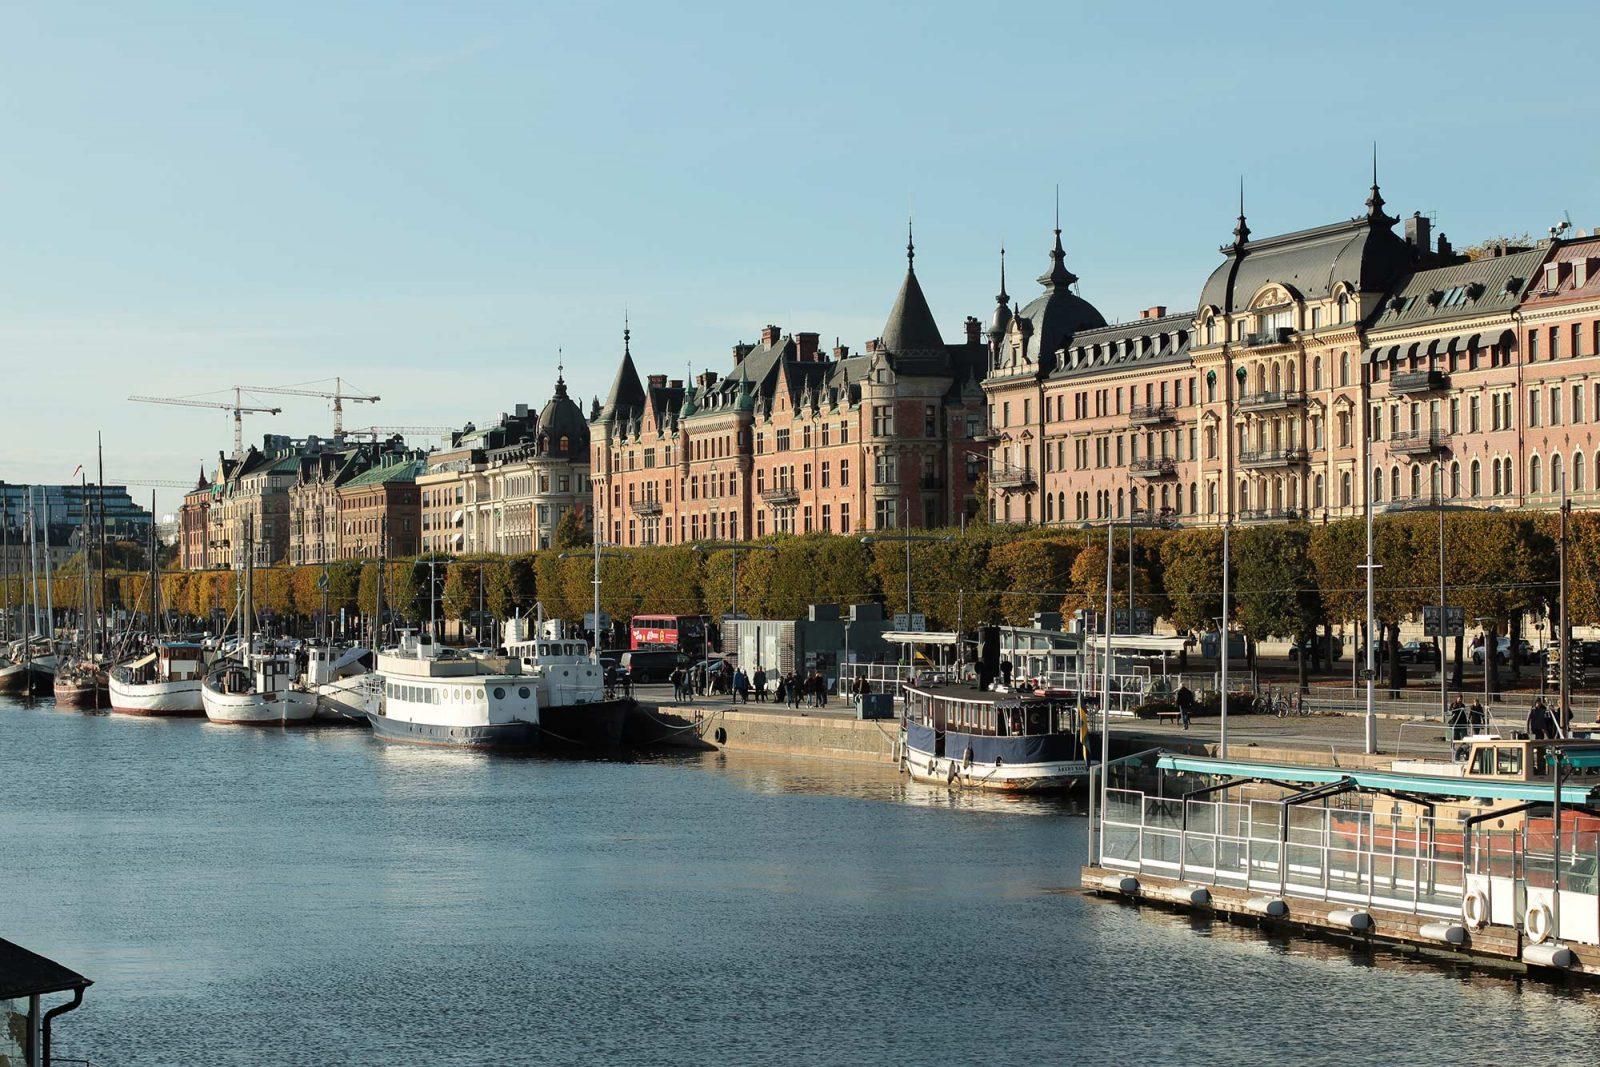 faq sweden  bridge view.aydviiuzwxad - Швеция: что нужно знать перед поездкой